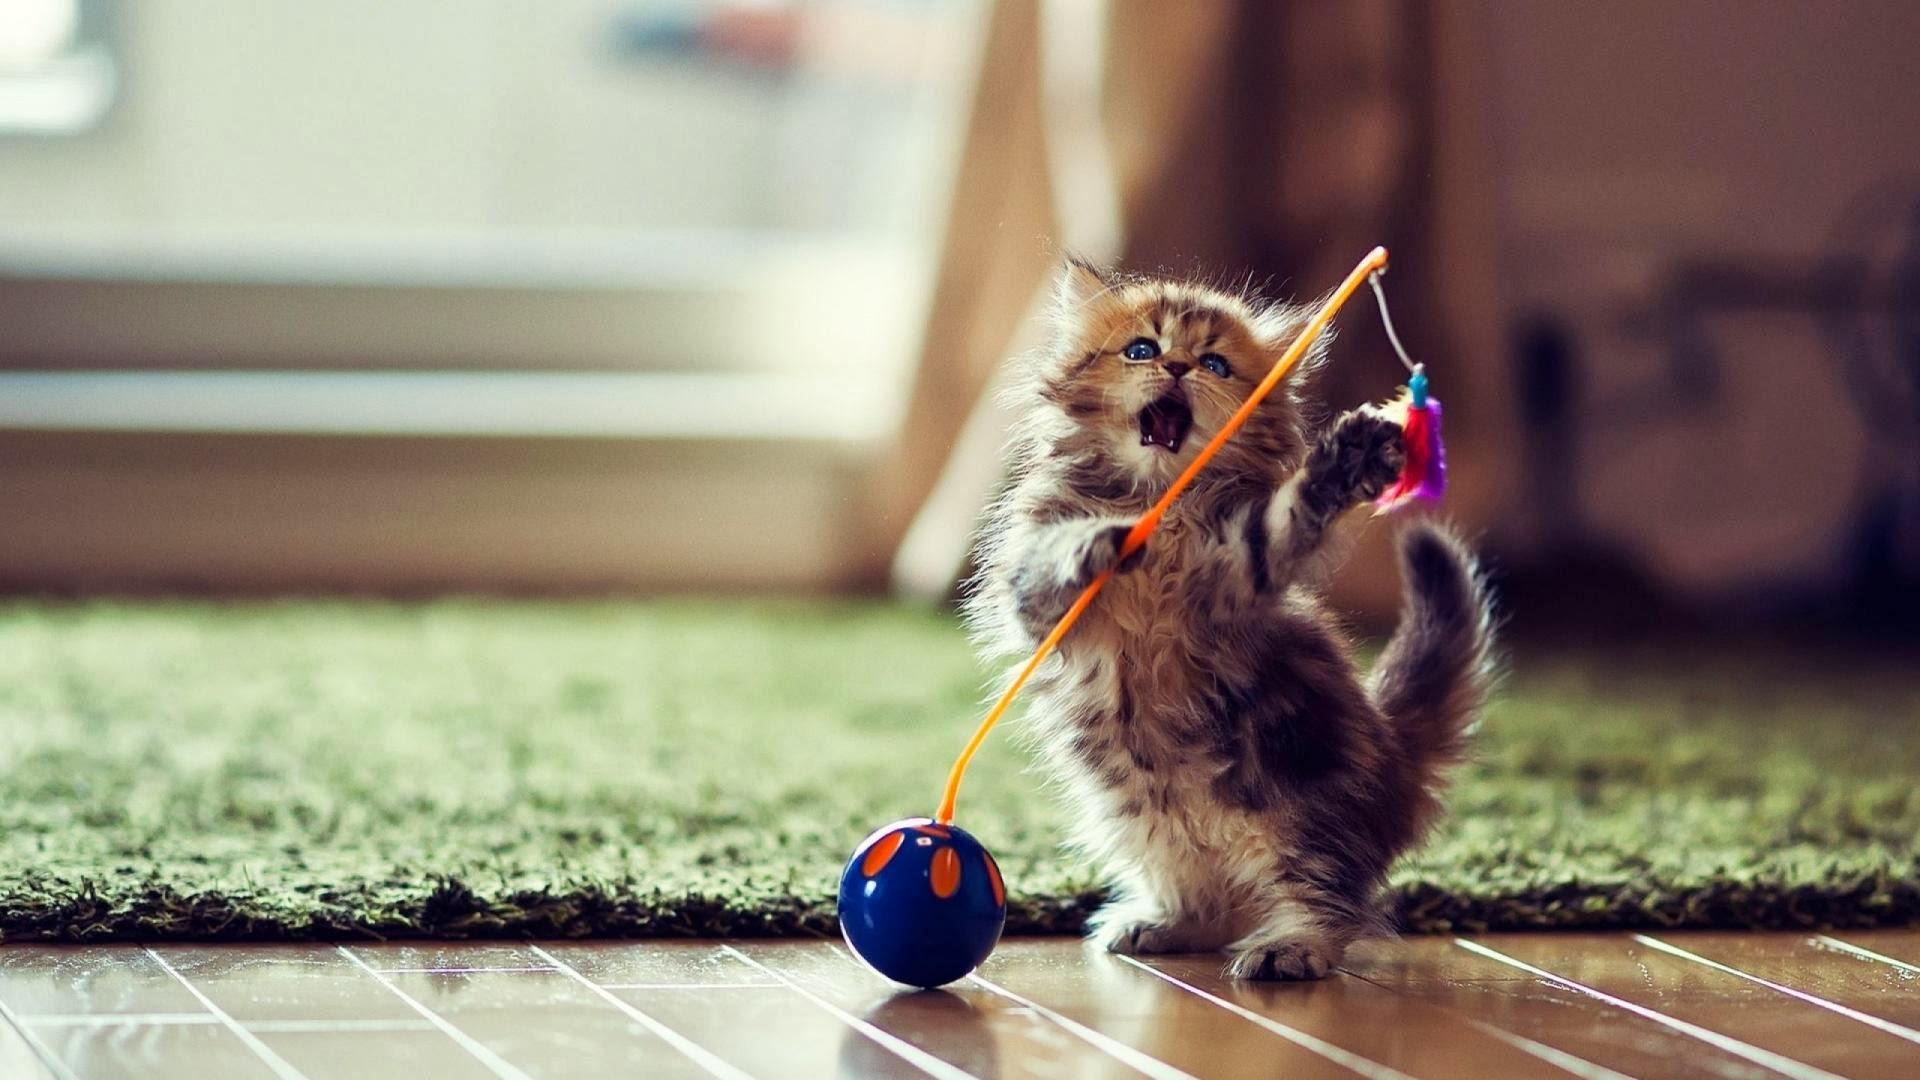 بالصور صور قطط كيوت , قطط شكلها جميل 4857 10